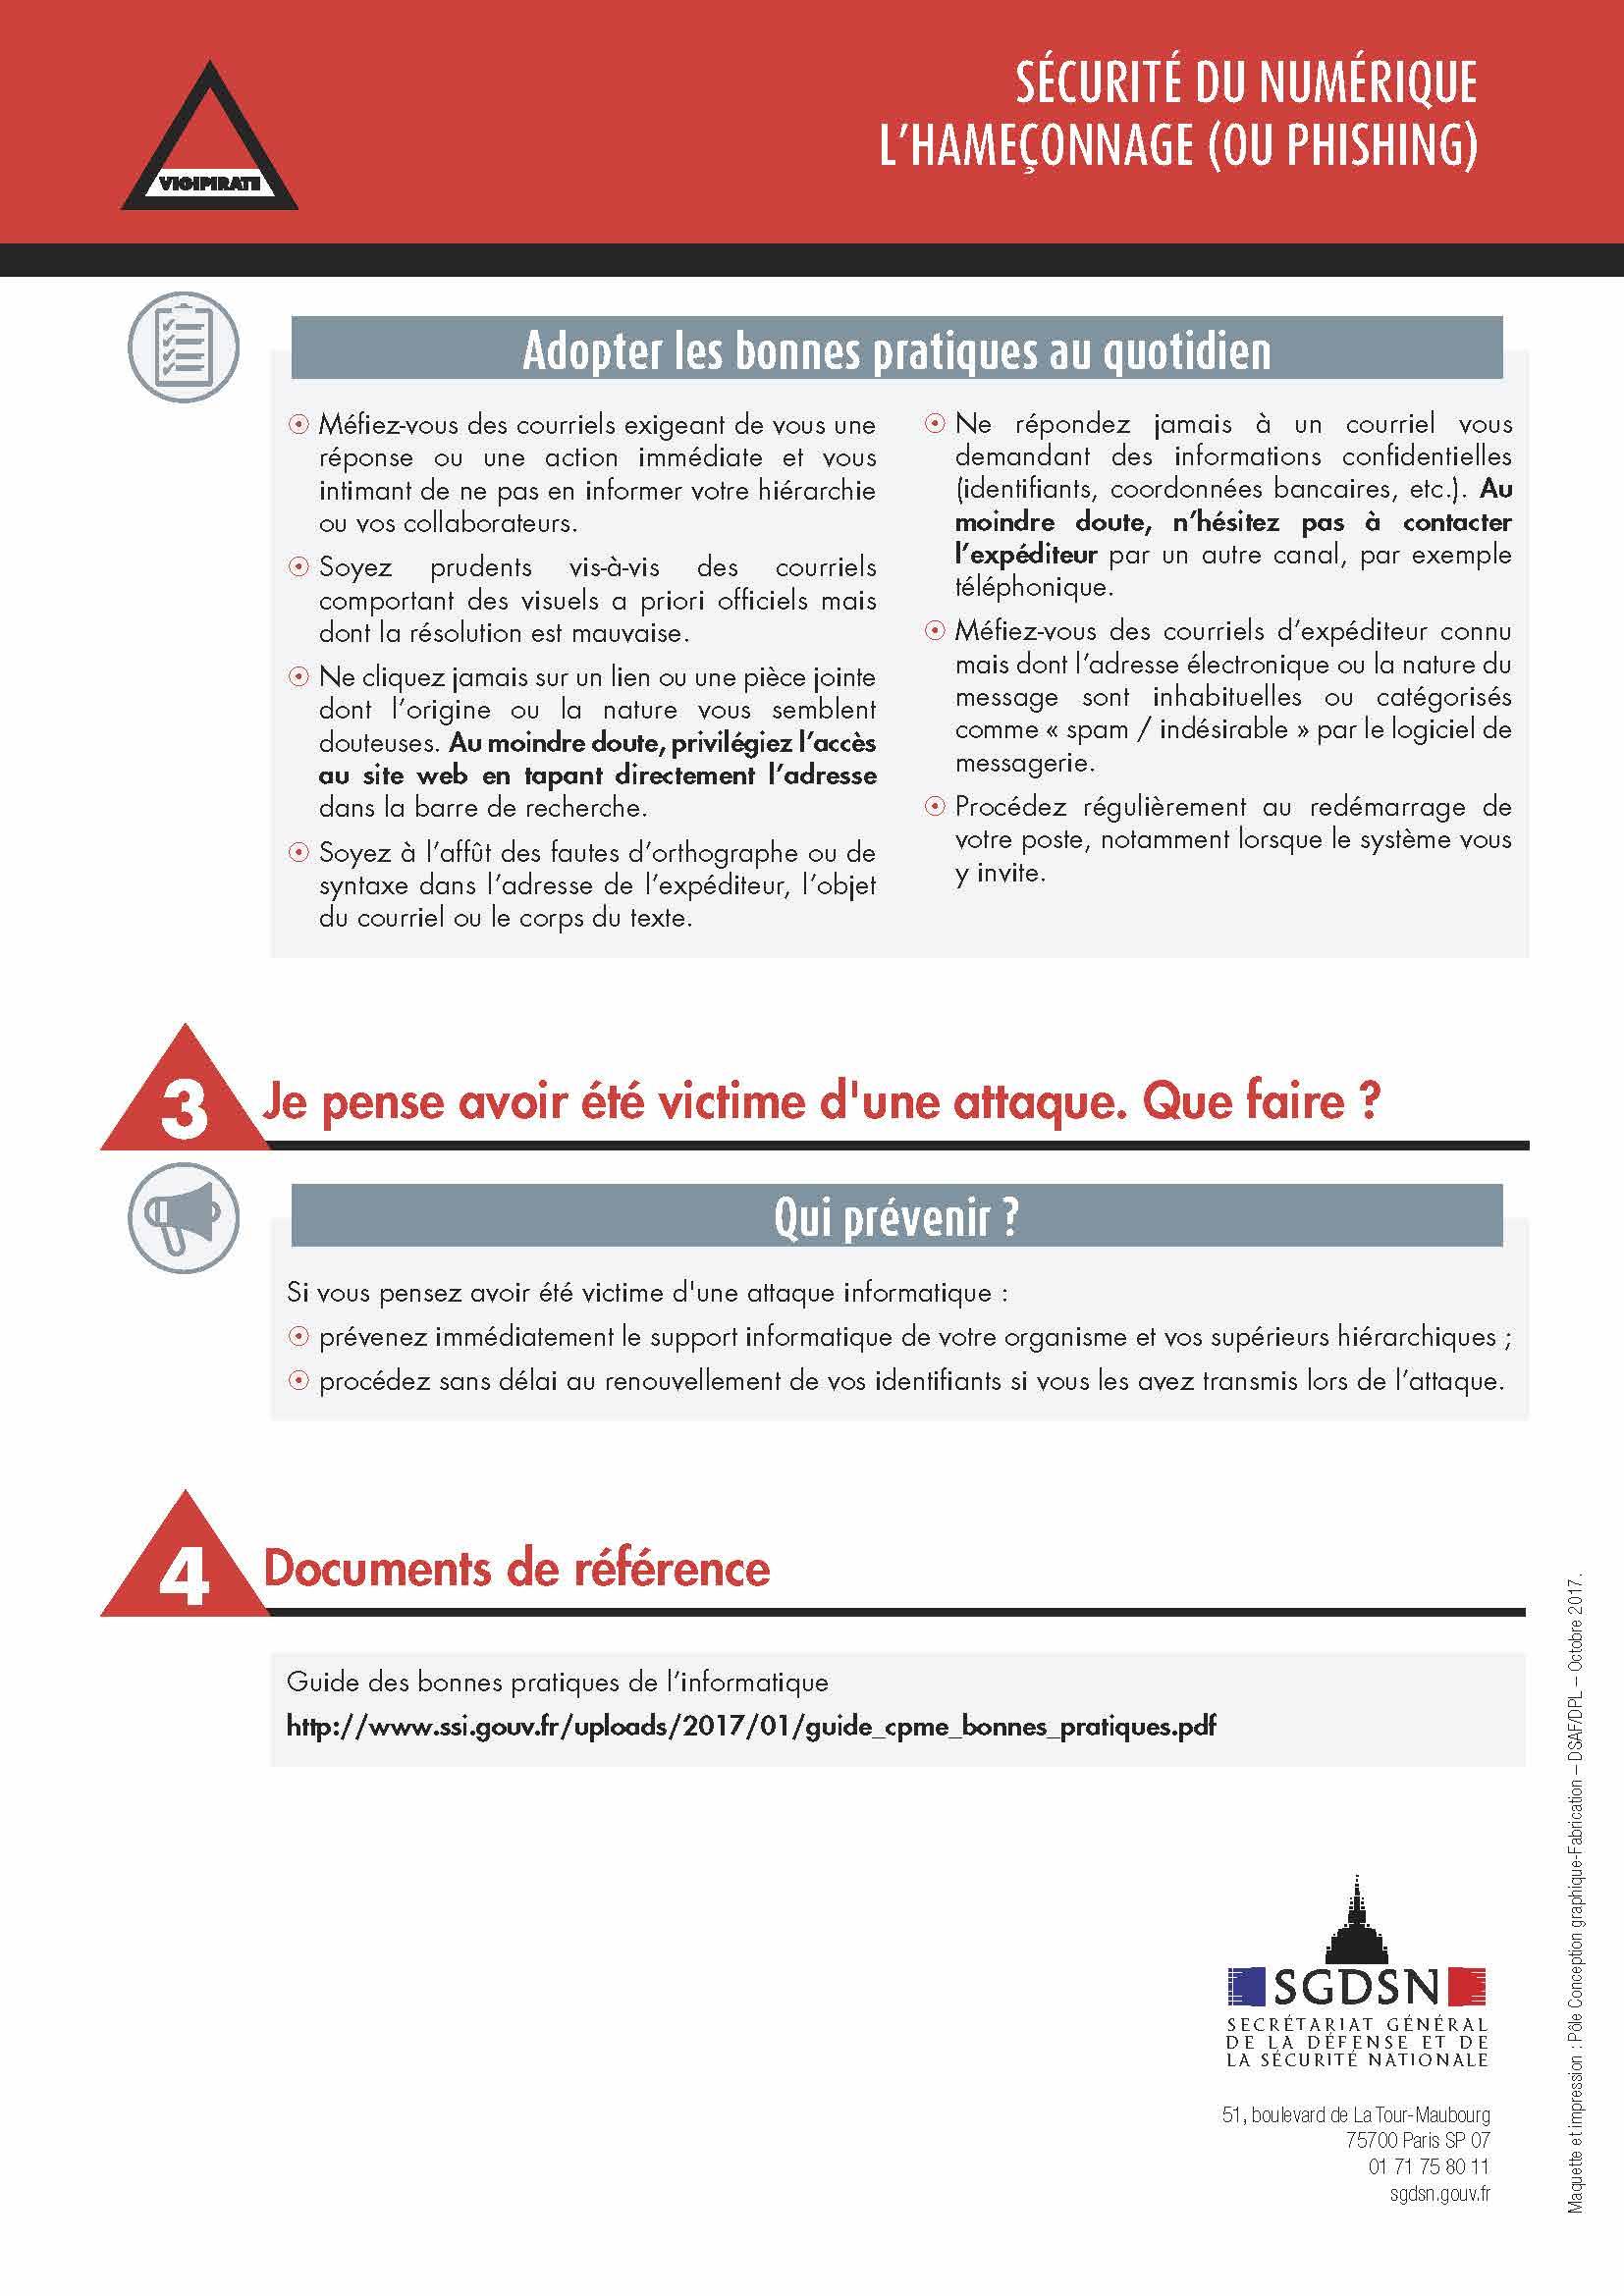 fiche-securite-du-numerique-lhameconnage-ou-phishing_Page_2